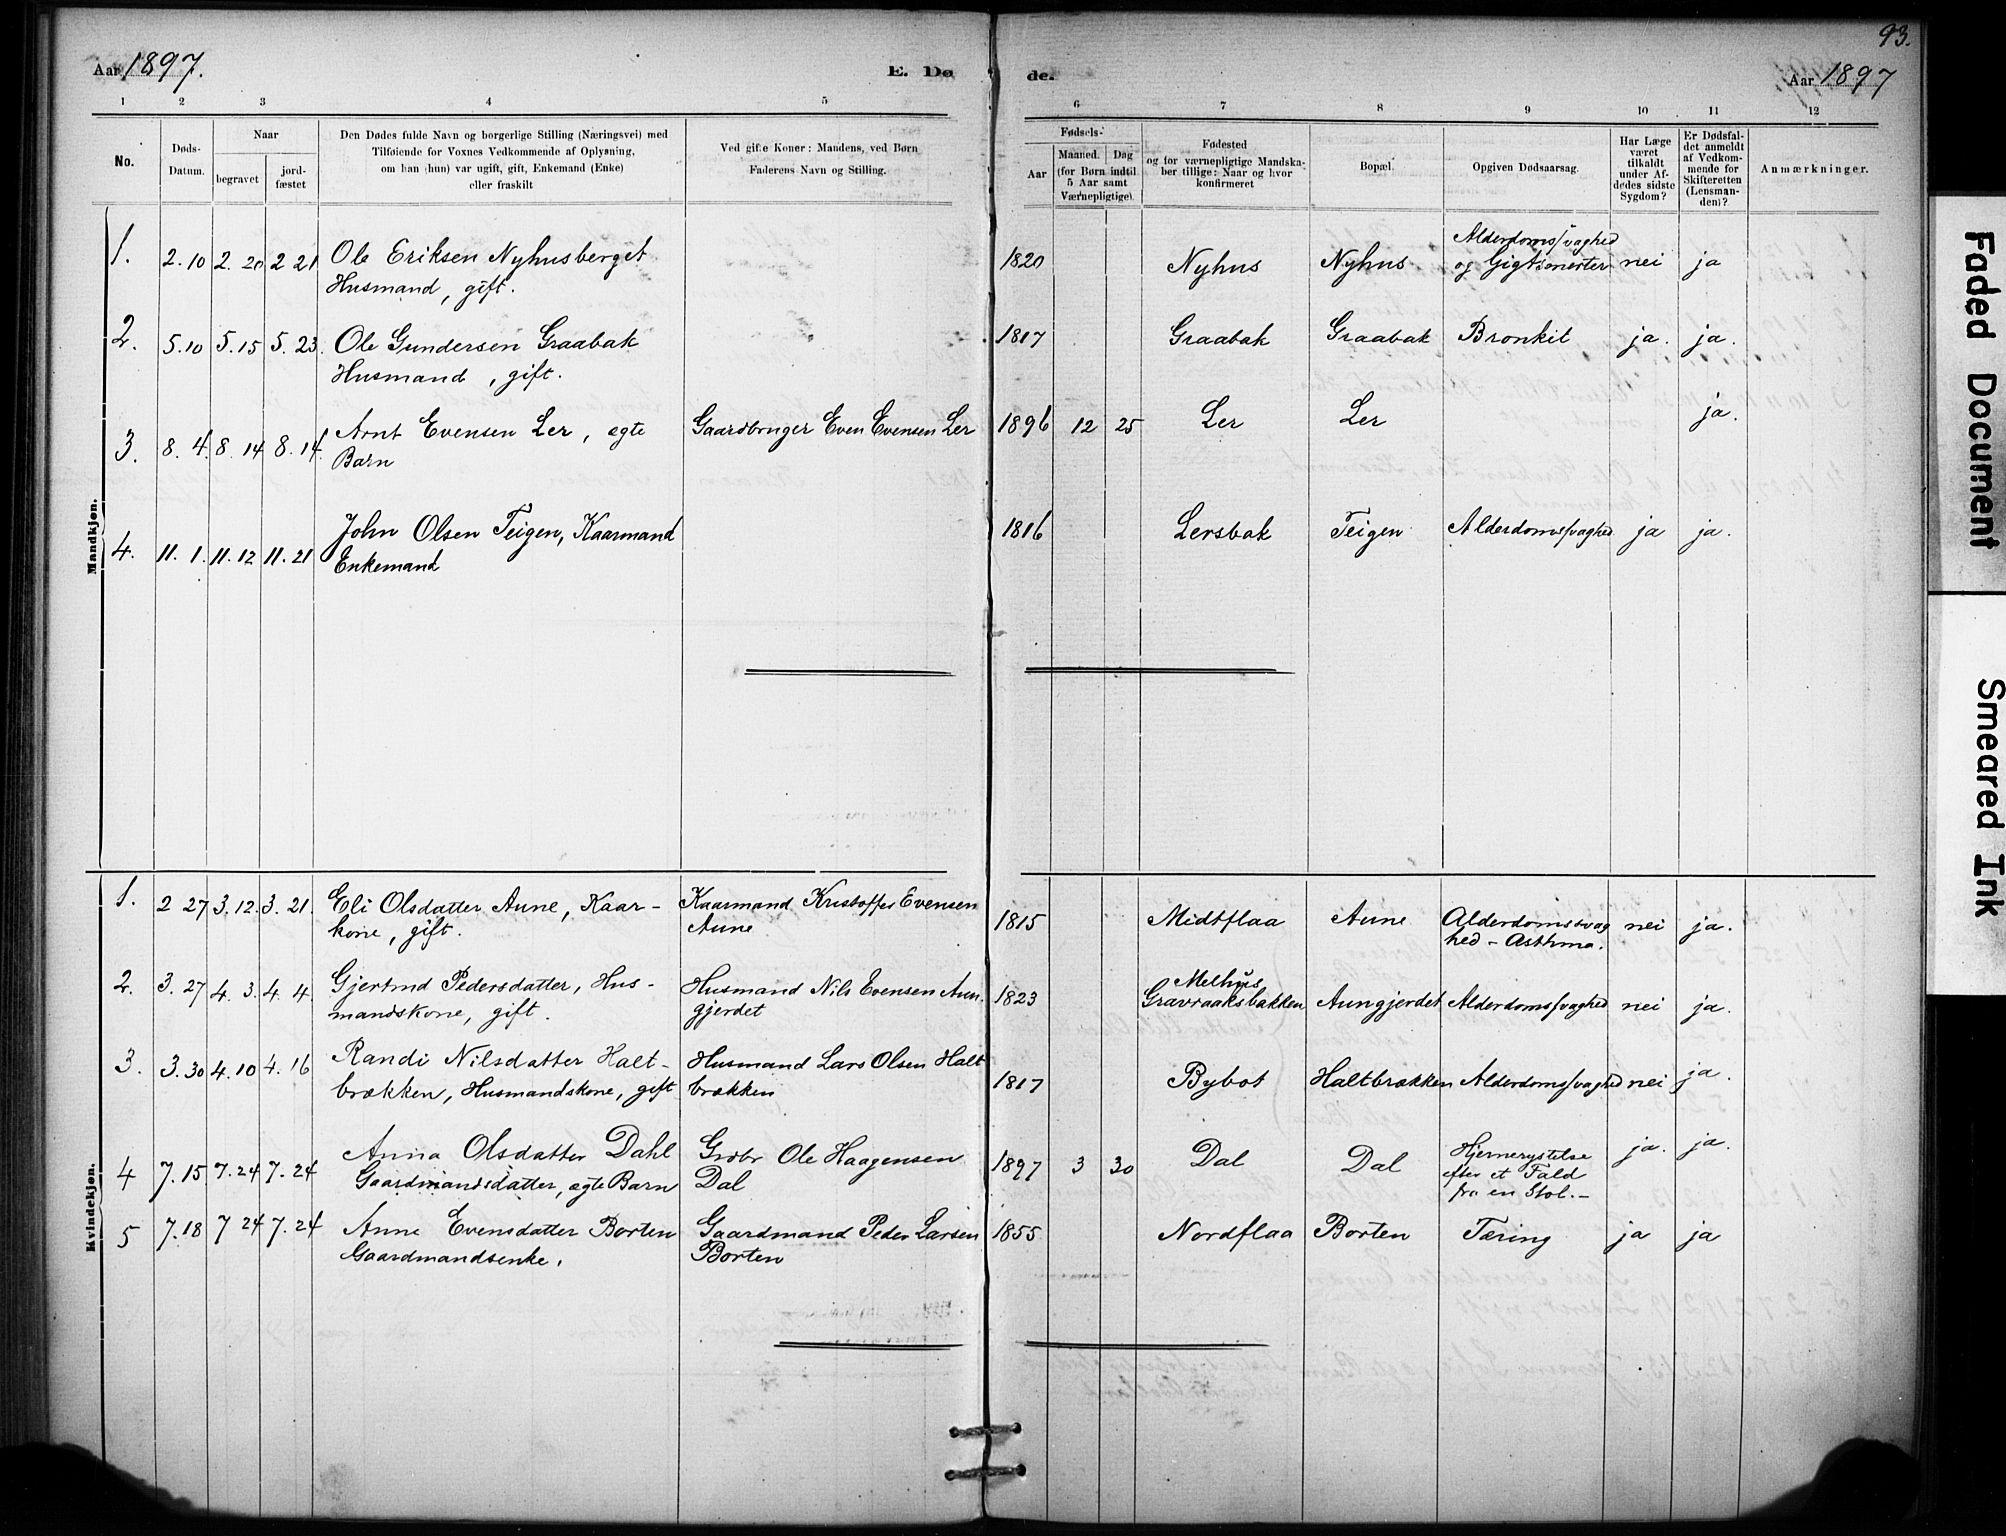 SAT, Ministerialprotokoller, klokkerbøker og fødselsregistre - Sør-Trøndelag, 693/L1119: Ministerialbok nr. 693A01, 1887-1905, s. 93